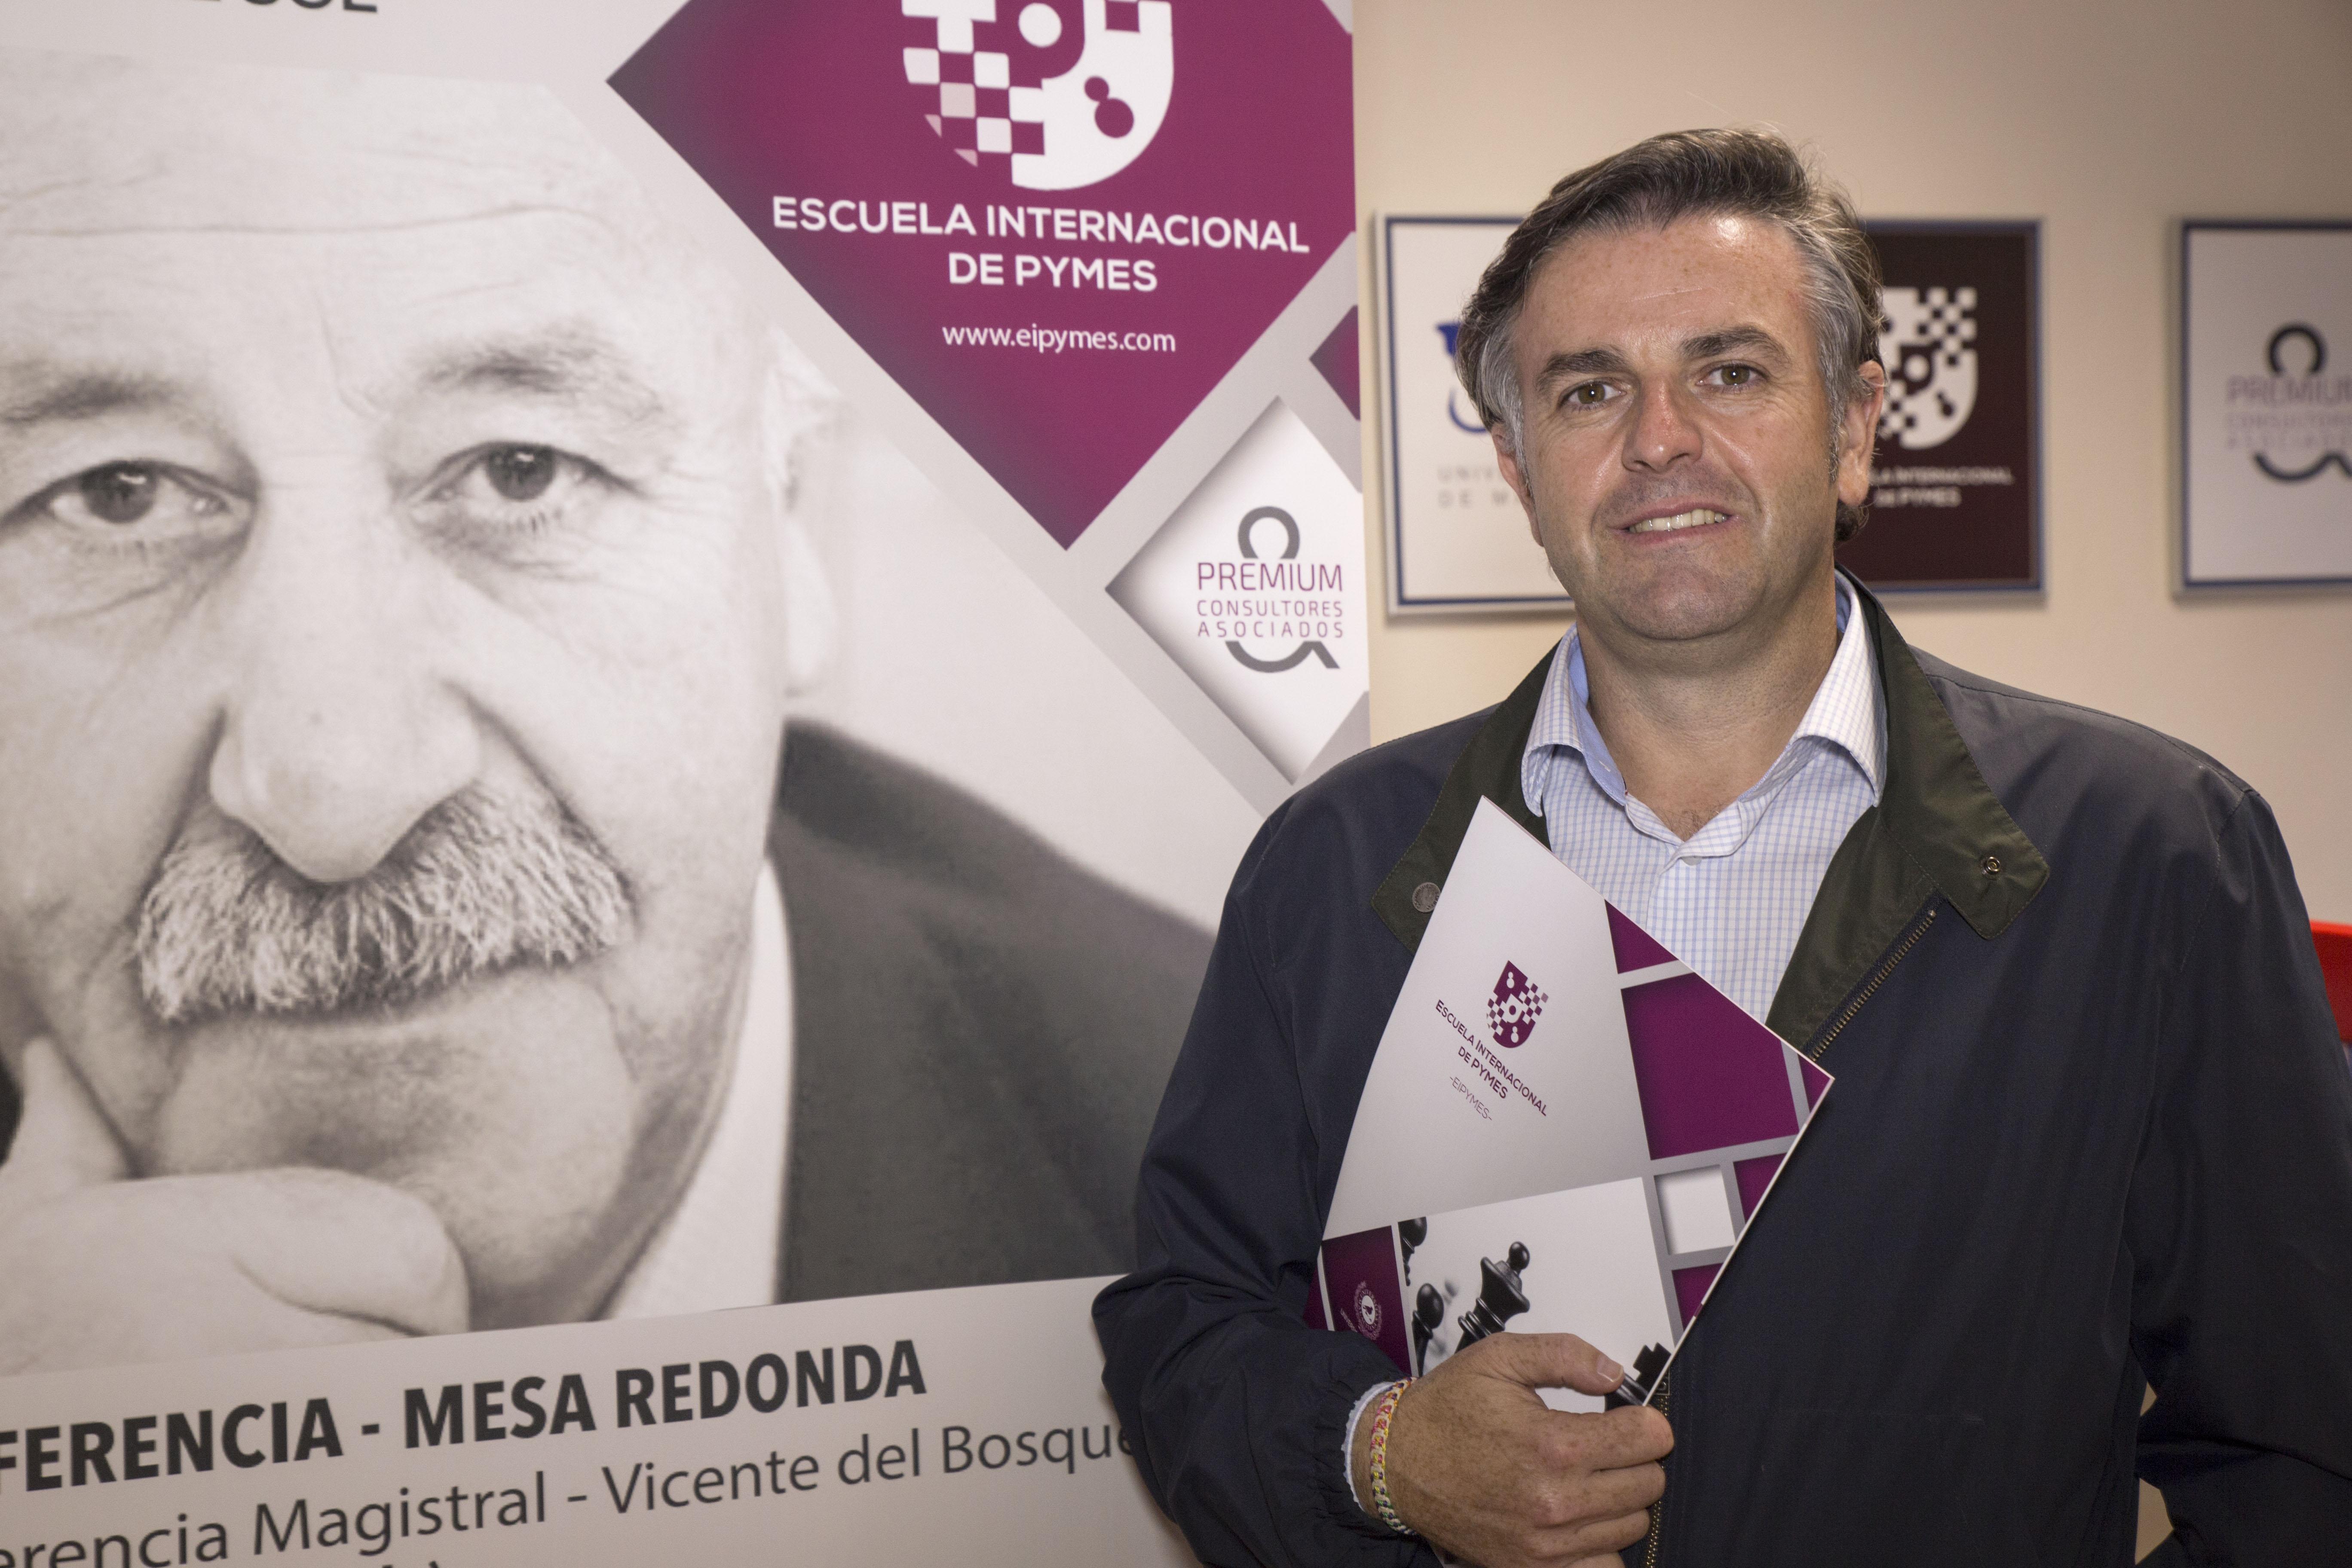 """Jerónimo Sánchez, director de EIPYMES: """"El nicho de mercado de EIPYMES es el empresario hecho así mismo"""""""